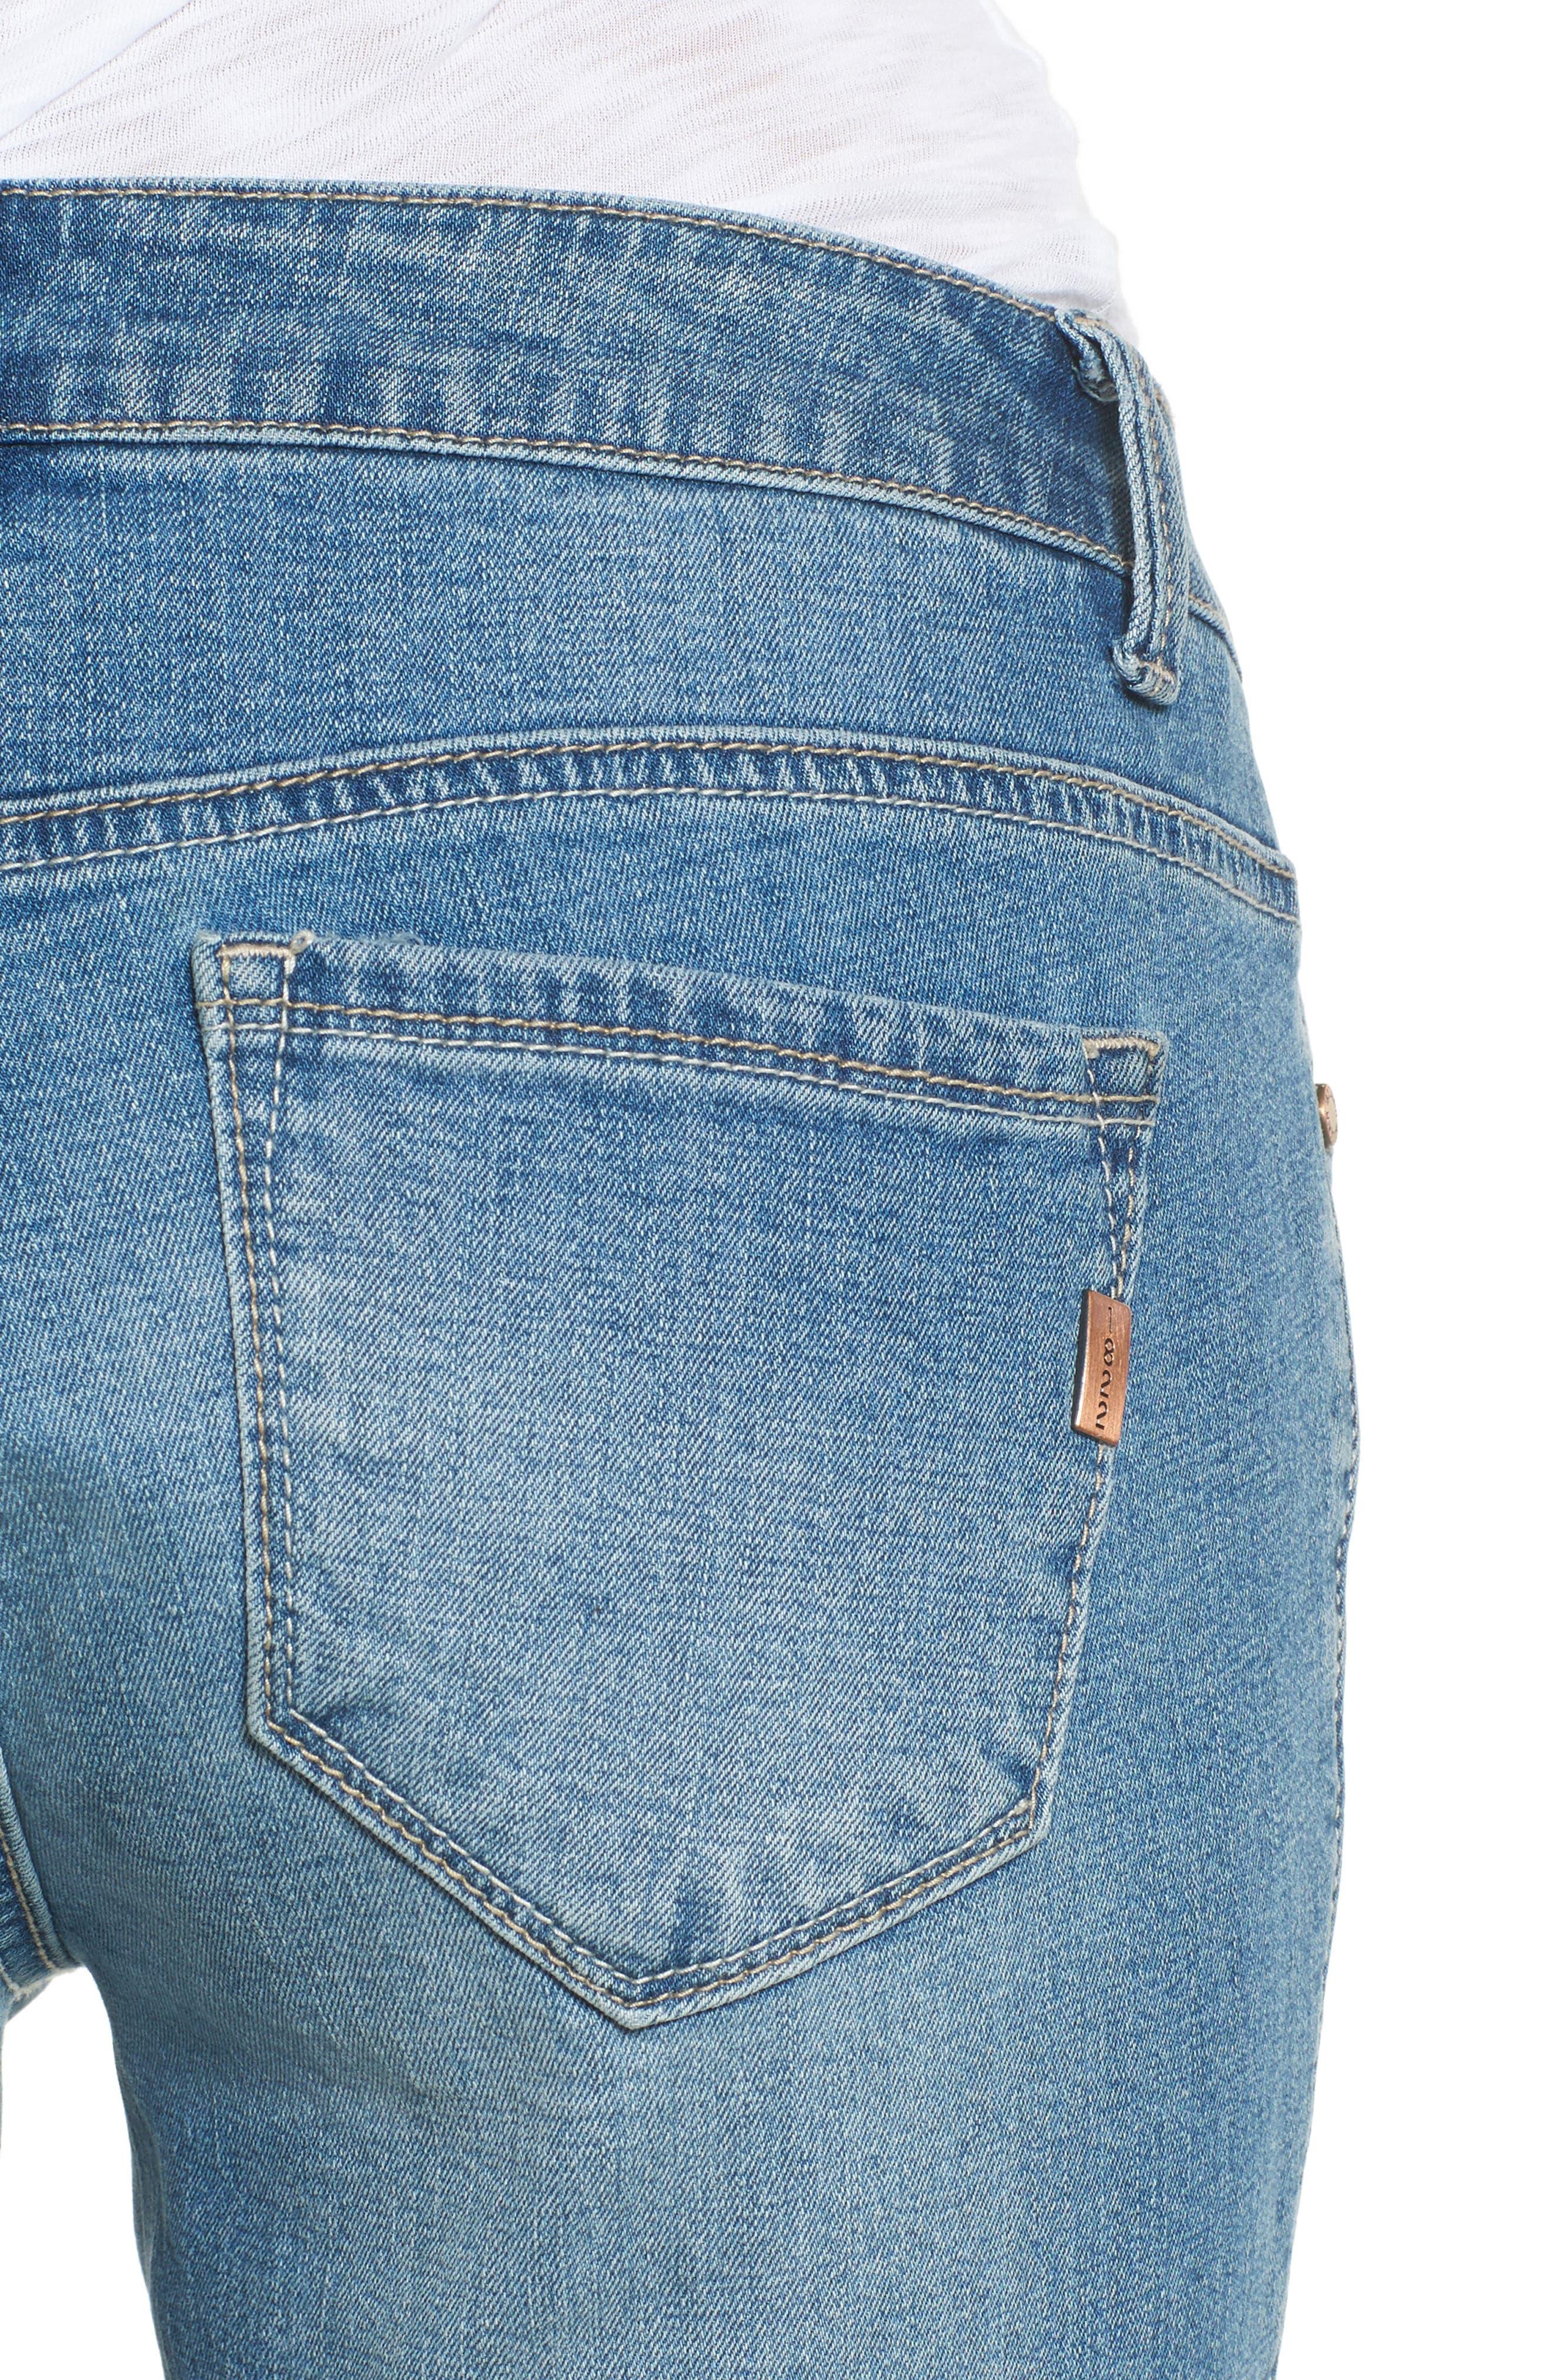 Rip & Repair Ankle Skinny Jeans,                             Alternate thumbnail 4, color,                             Pearl Jam